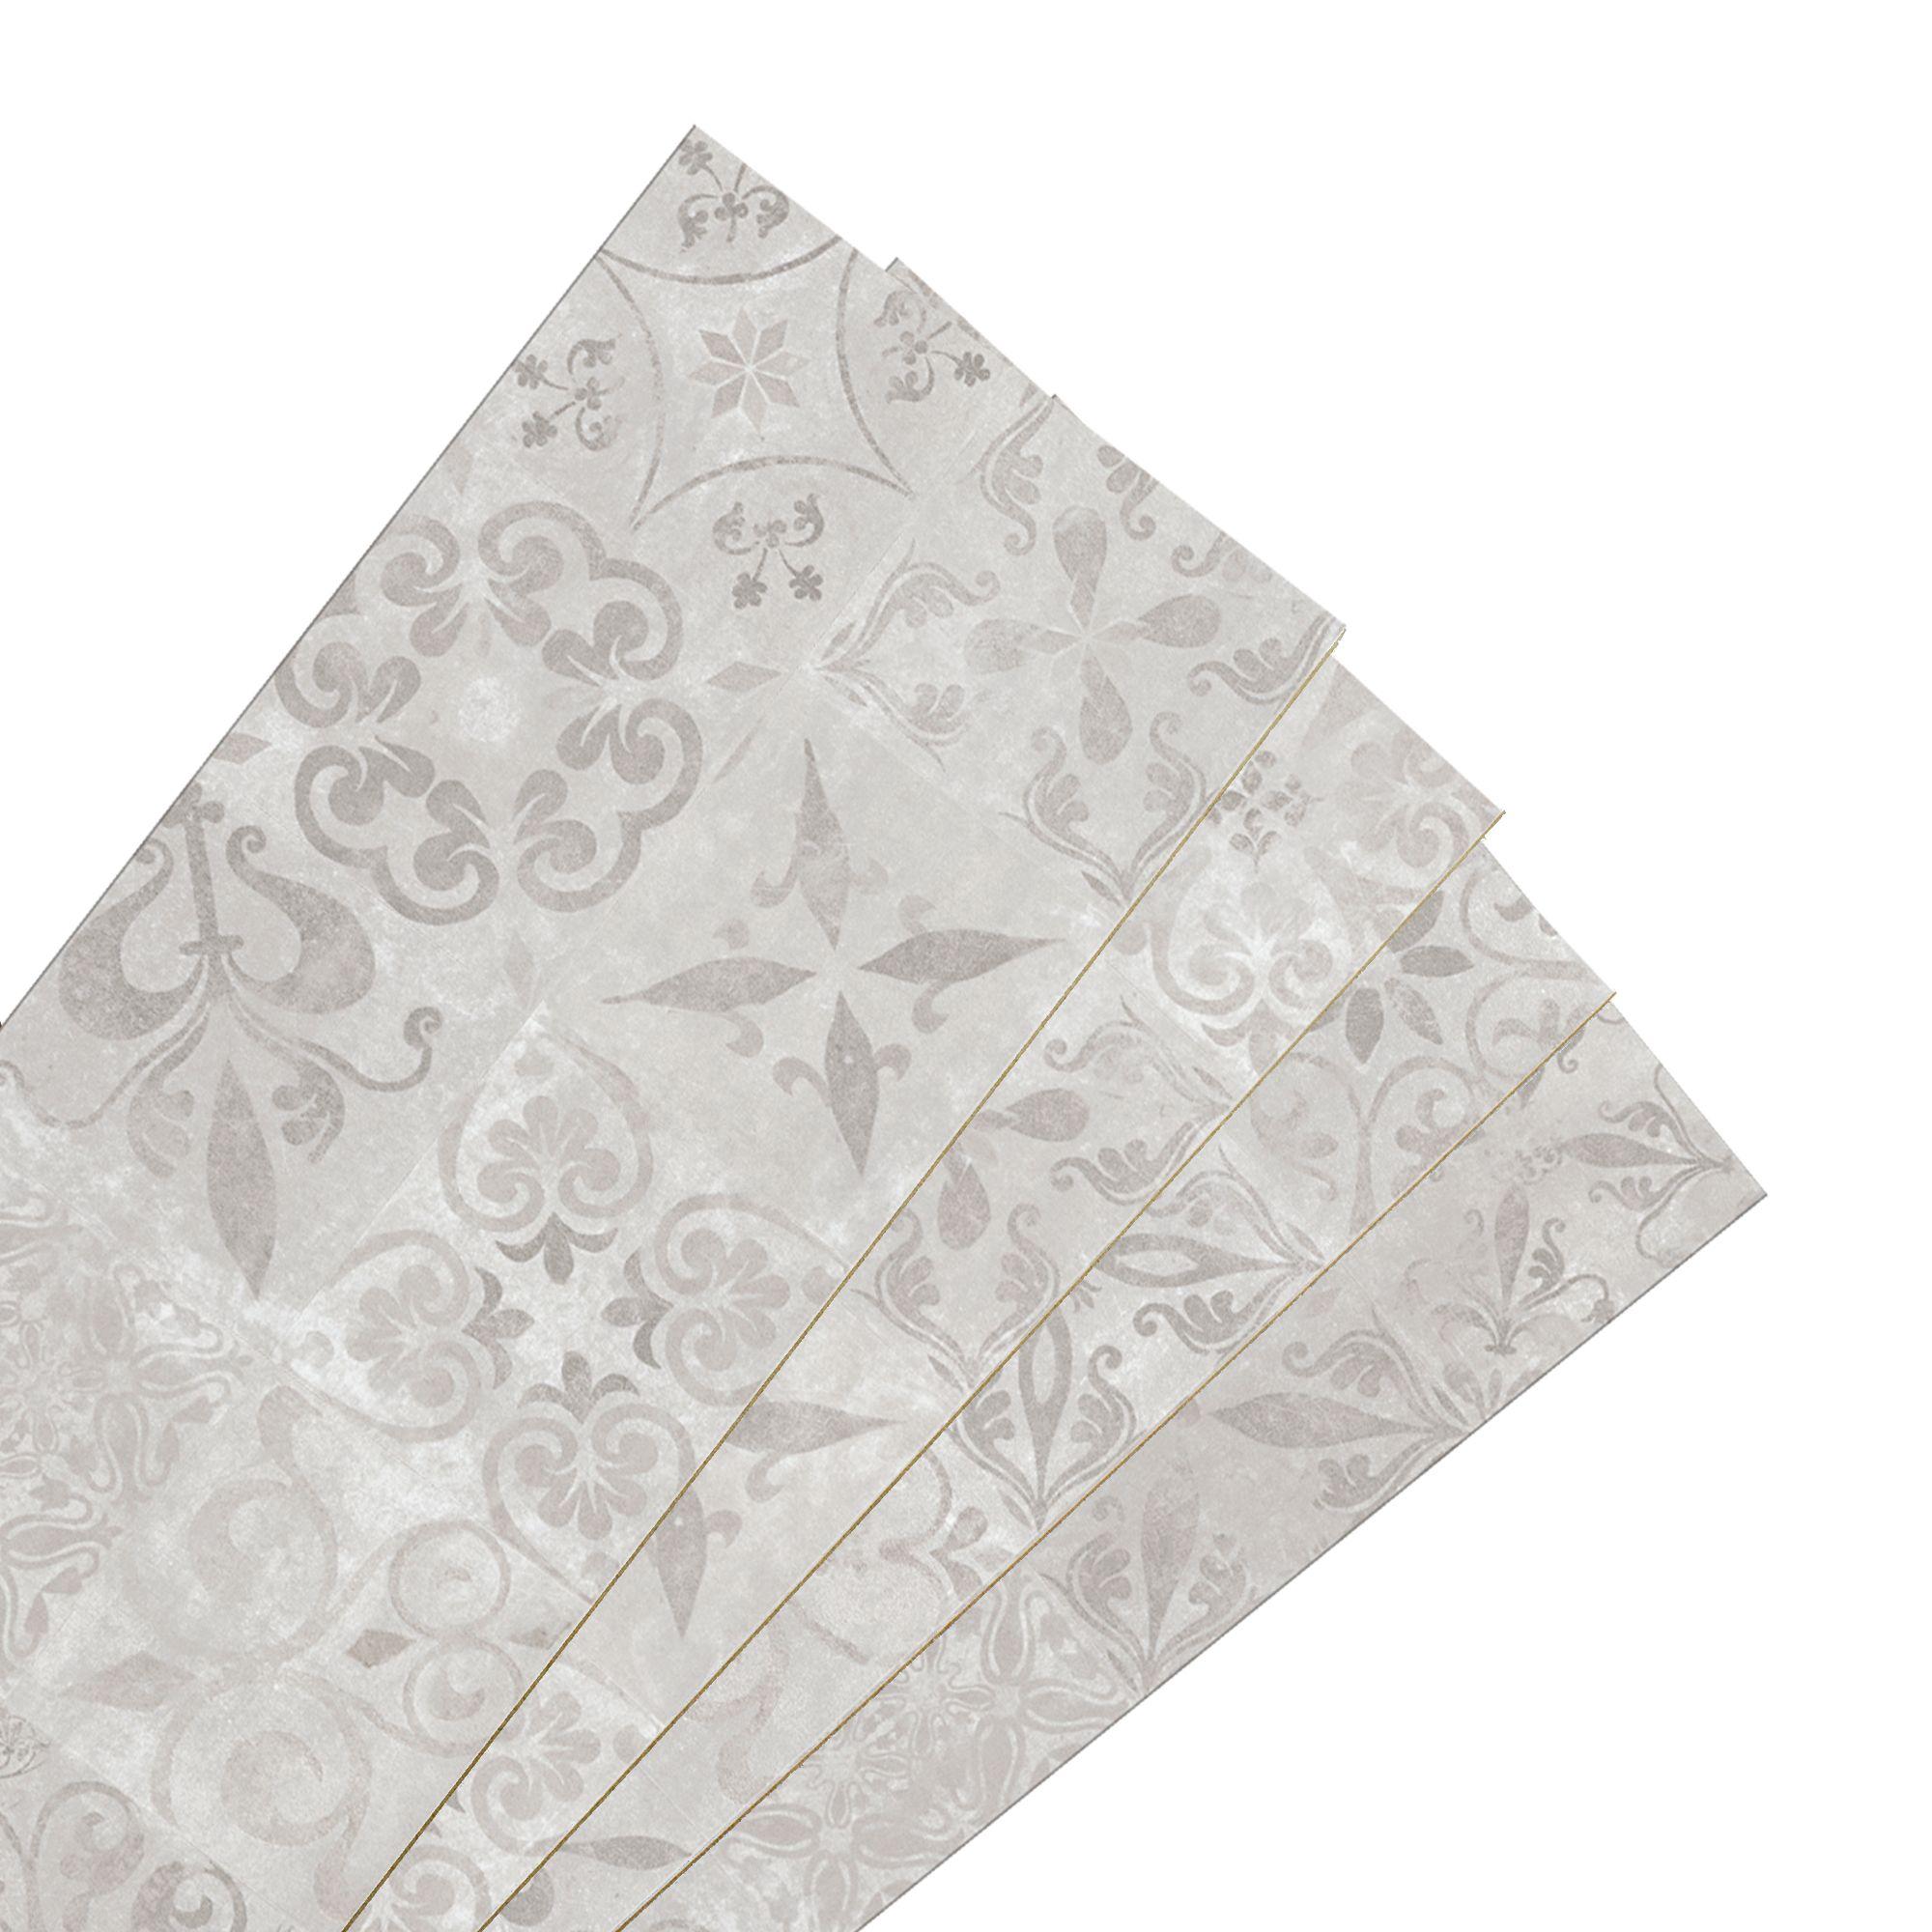 Leggiero Beige Tile Effect Laminate Flooring 186 M Pack